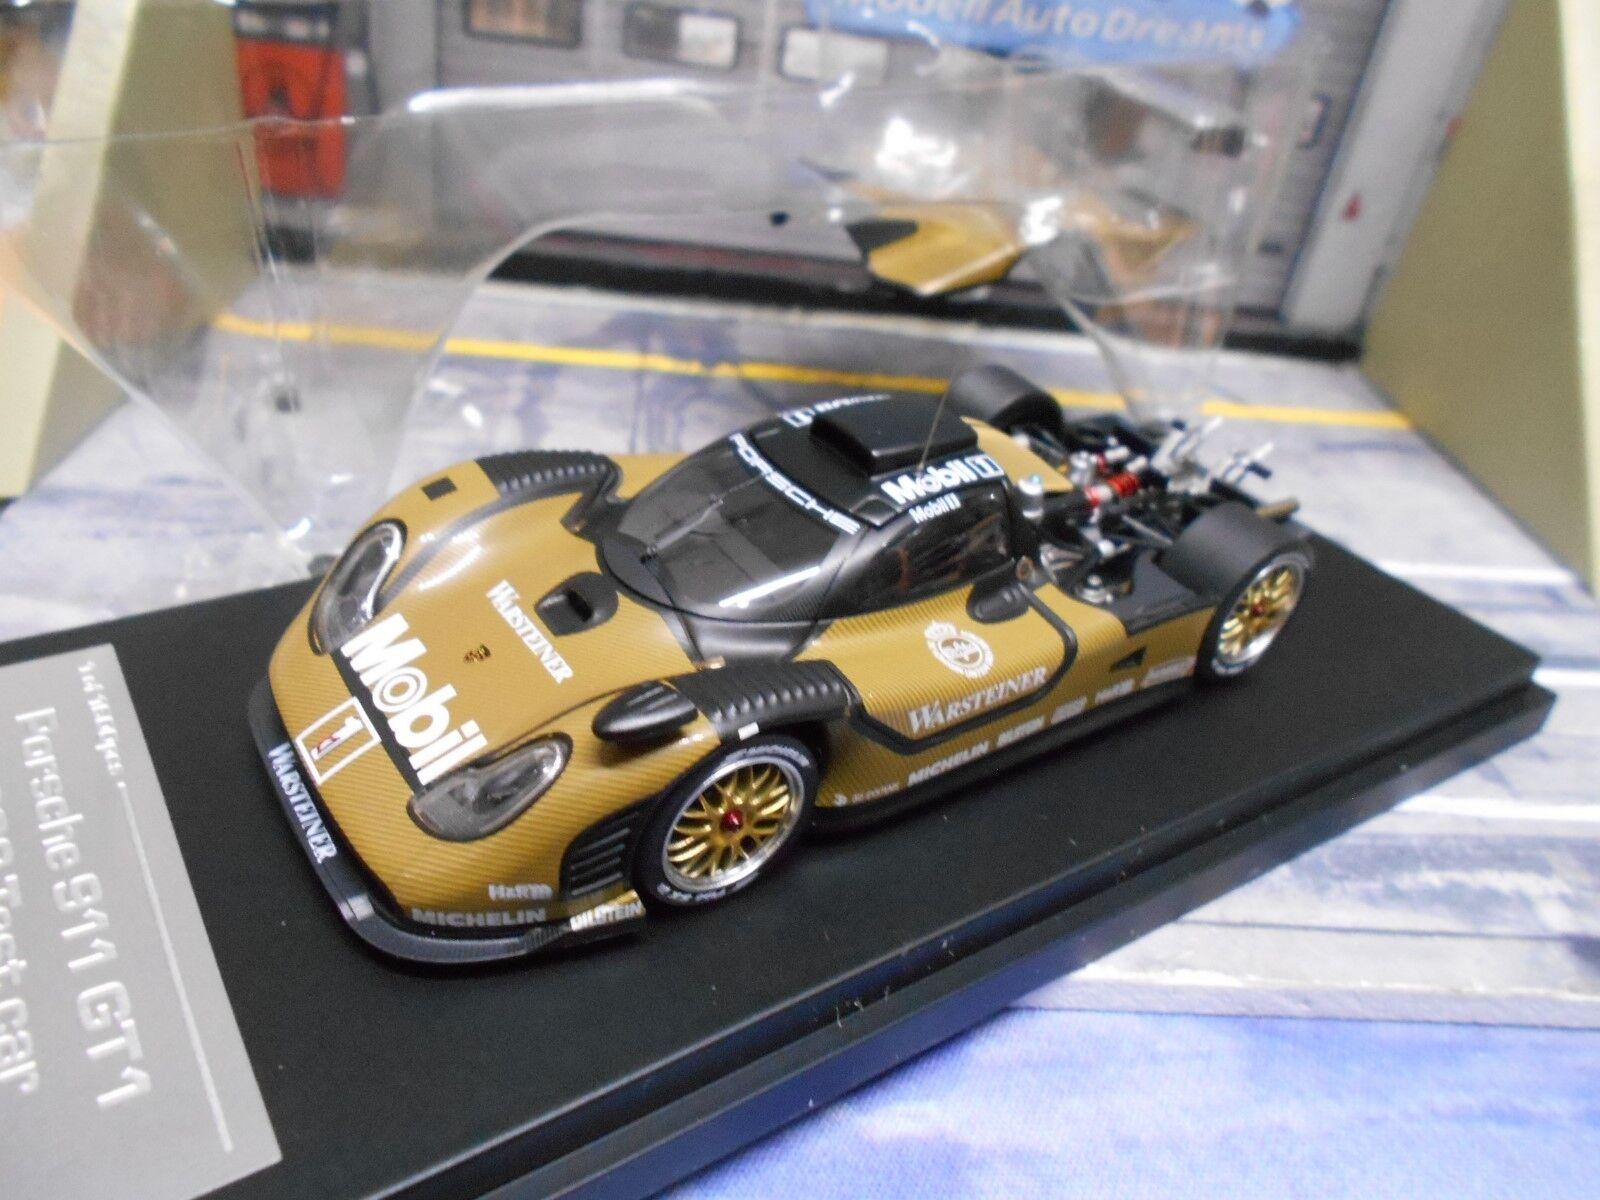 Porsche 911 gt1 versión de prueba estabas racing una le mans hpi highenddetail 1 43